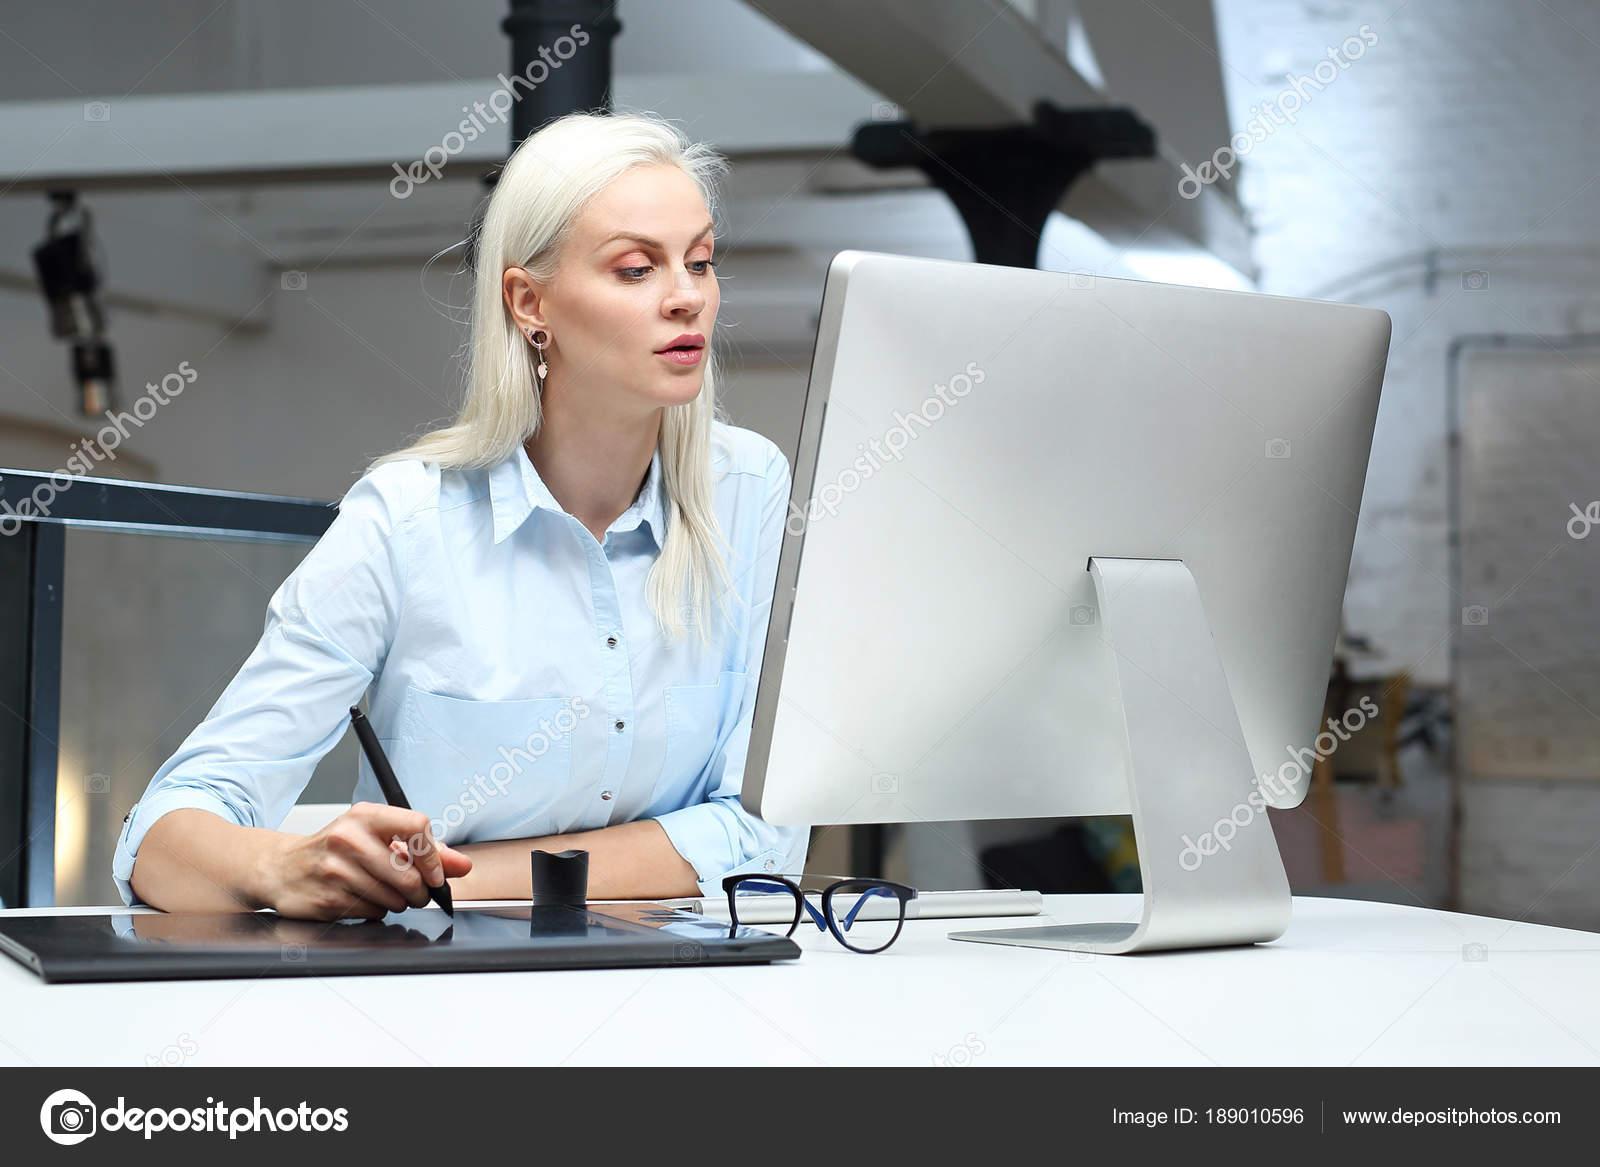 Ufficio Stile Moda : Designer grafico del computer sul compositore giovane donna alla